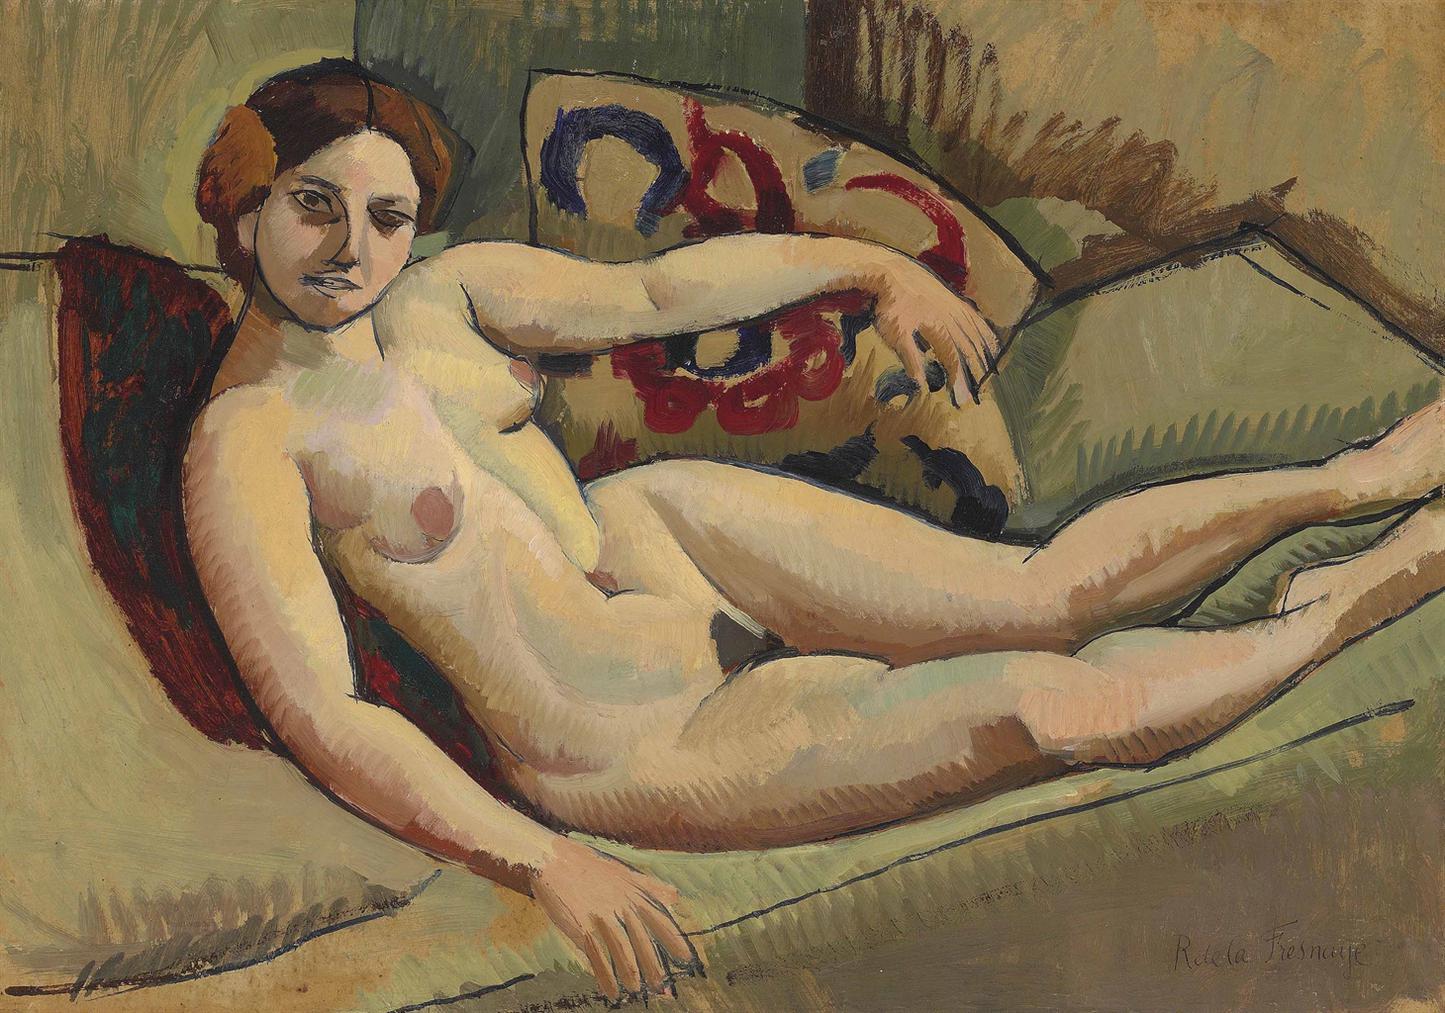 Roger de La Fresnaye-Nu Au Divan-1910